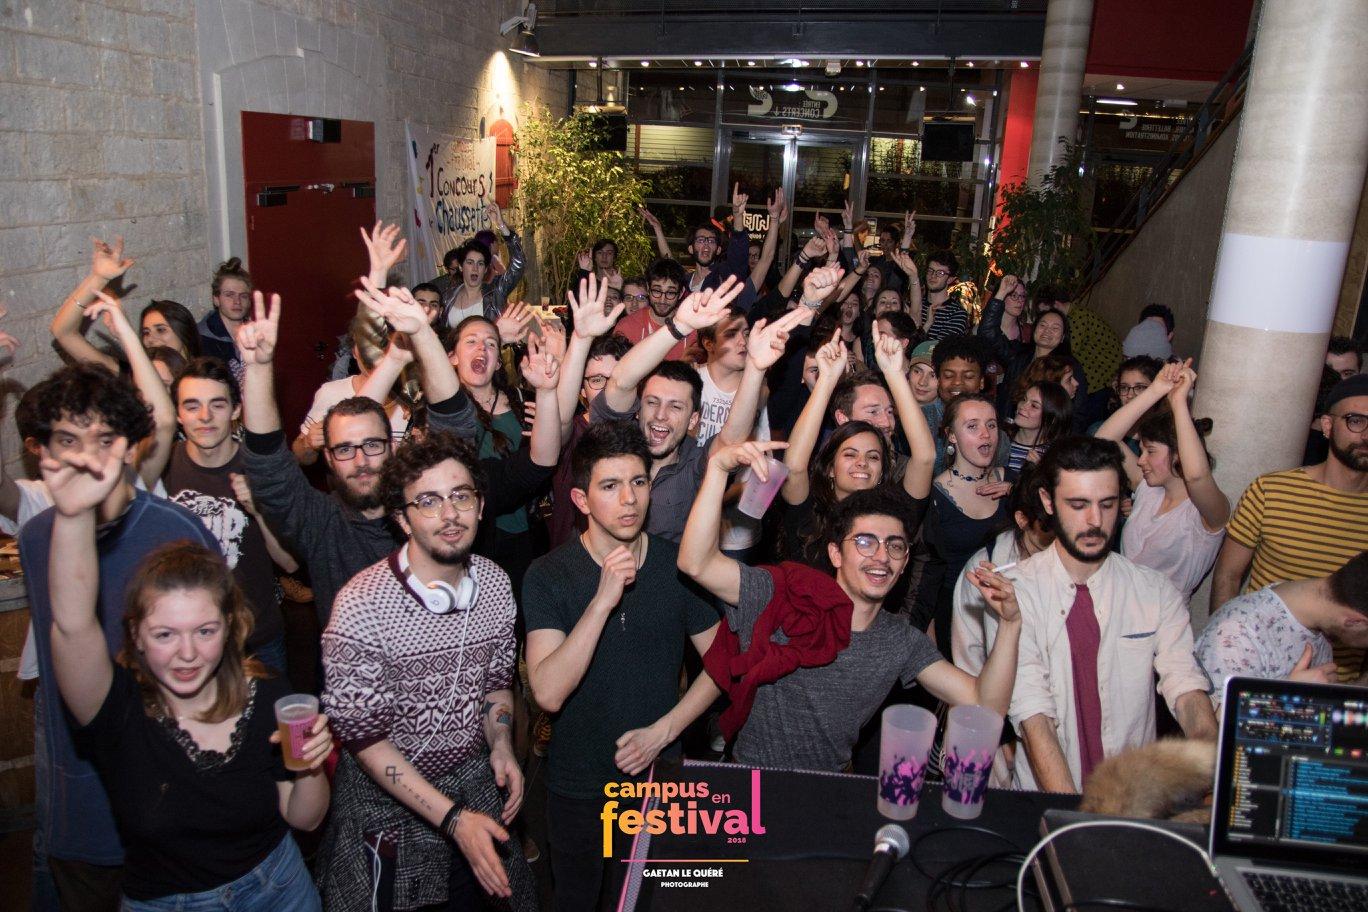 Festival Campus en Festival © Gaétan le Ouéré